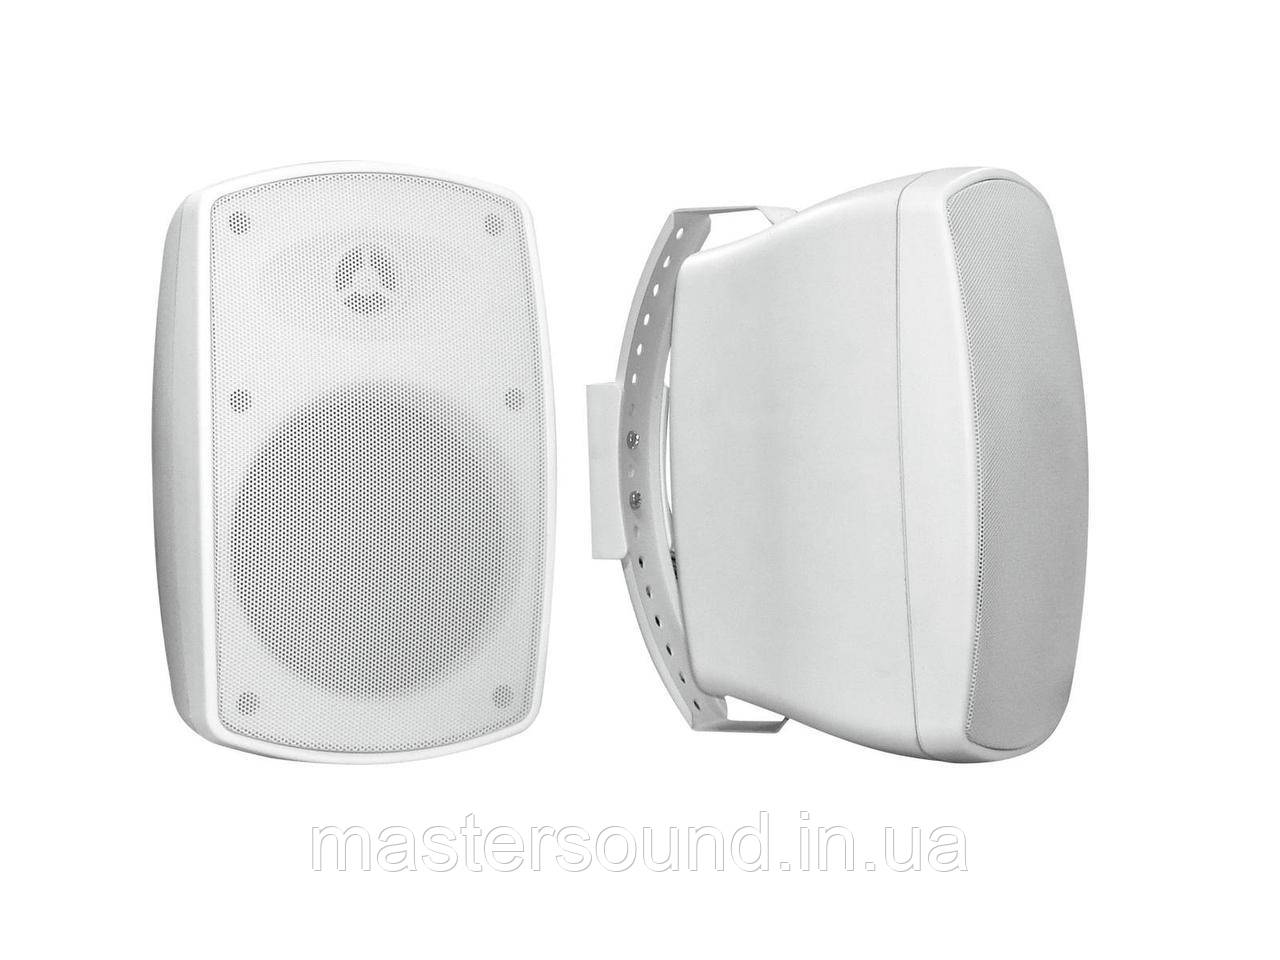 Настенная акустическая система Omnitronic OD-4T white